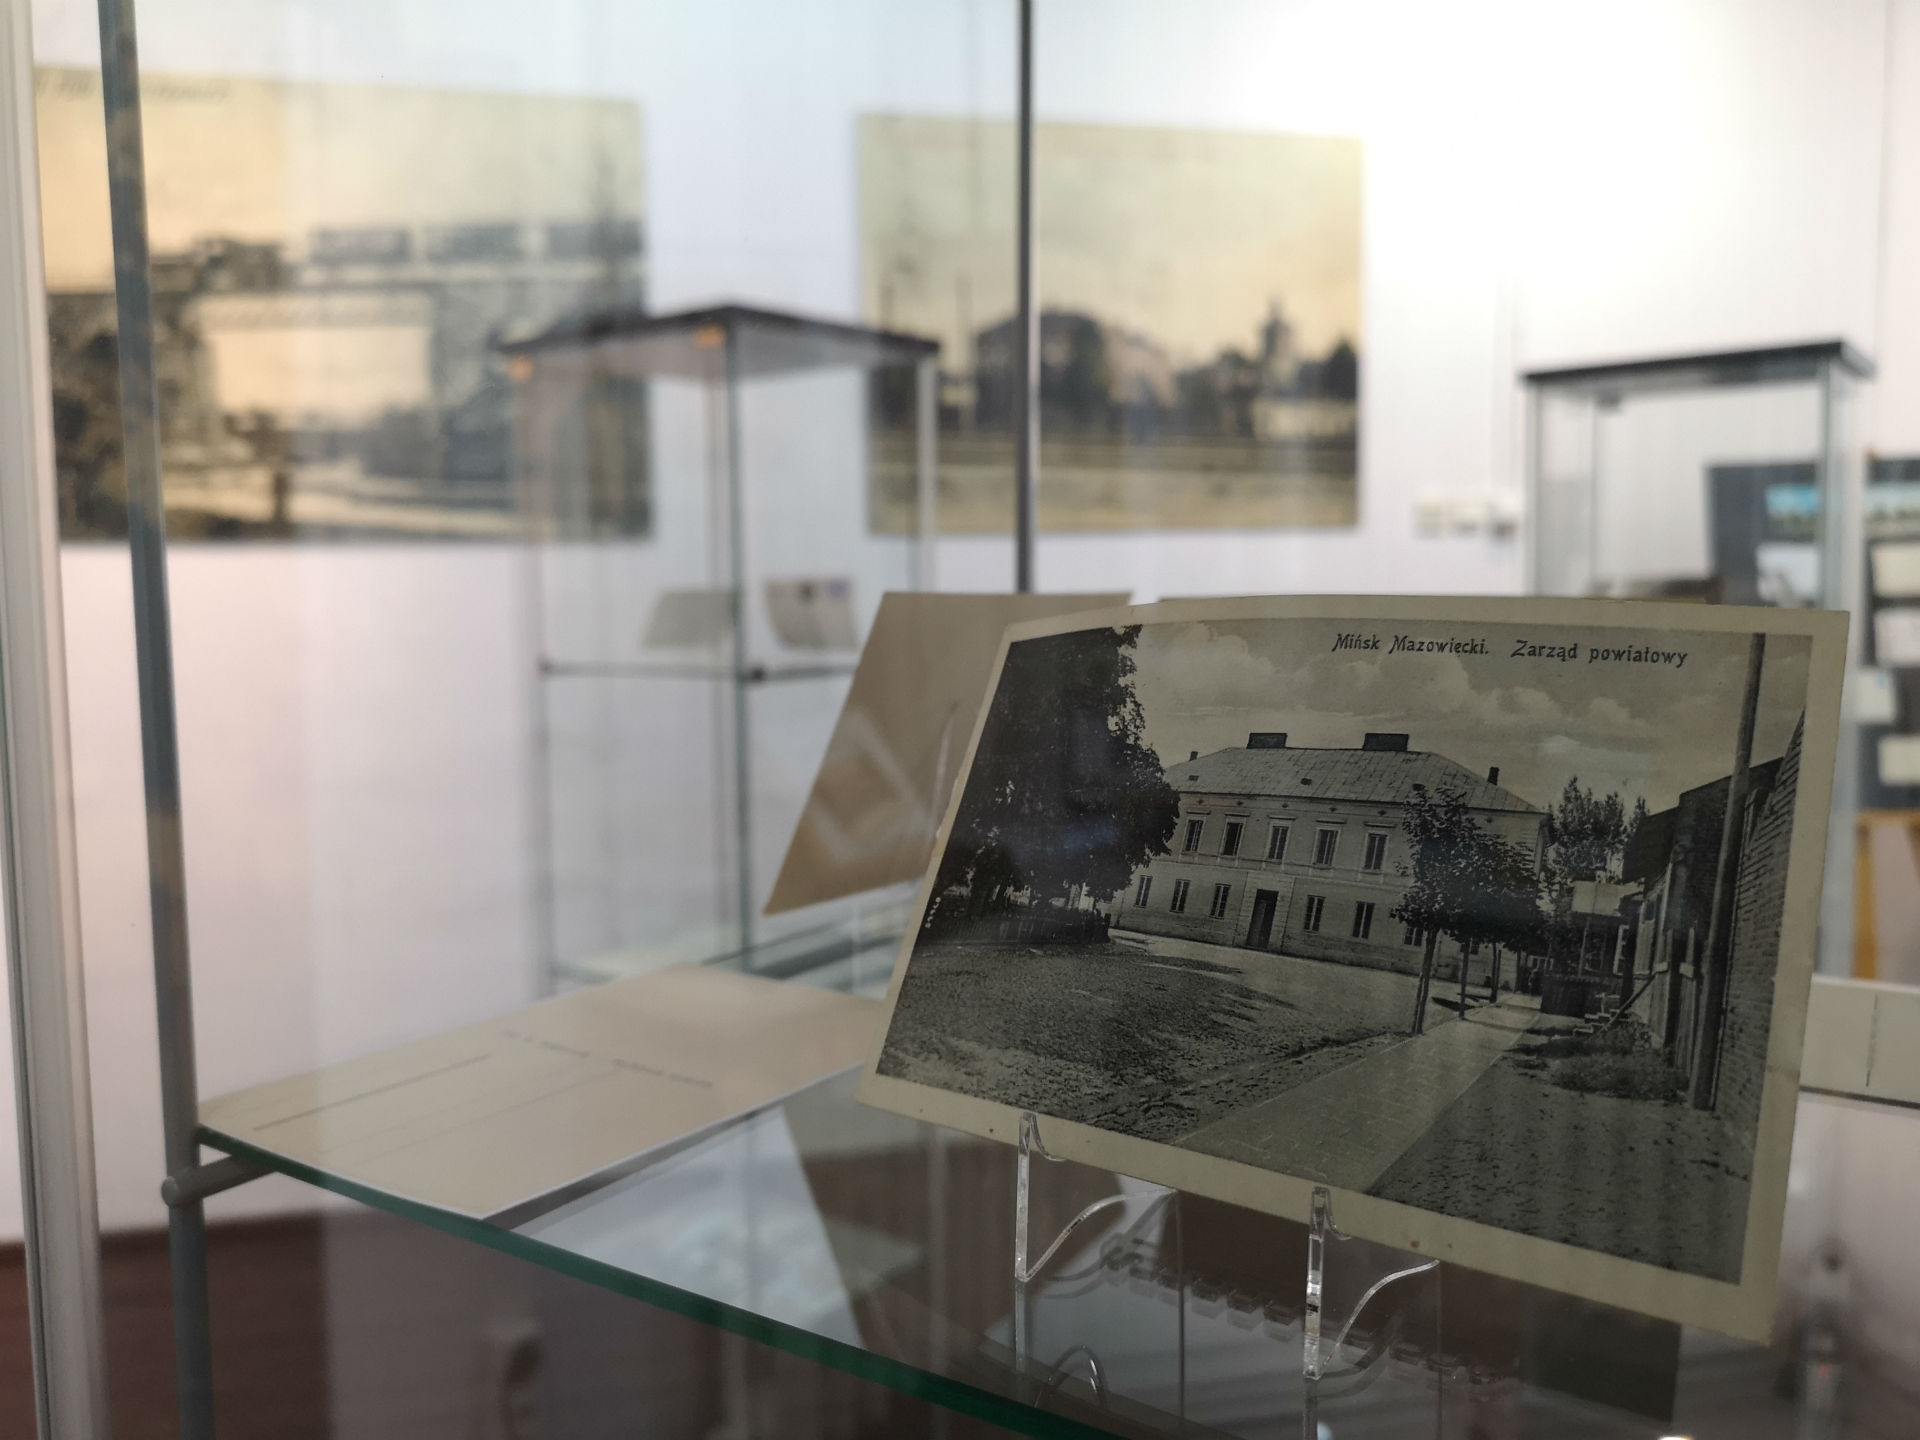 Wnętrze gabloty. Na pierwszym planie pocztówka z historycznym widokiem placu Kilińskiego w Mińsku Mazowieckim. W tle reszta ekspozycji.